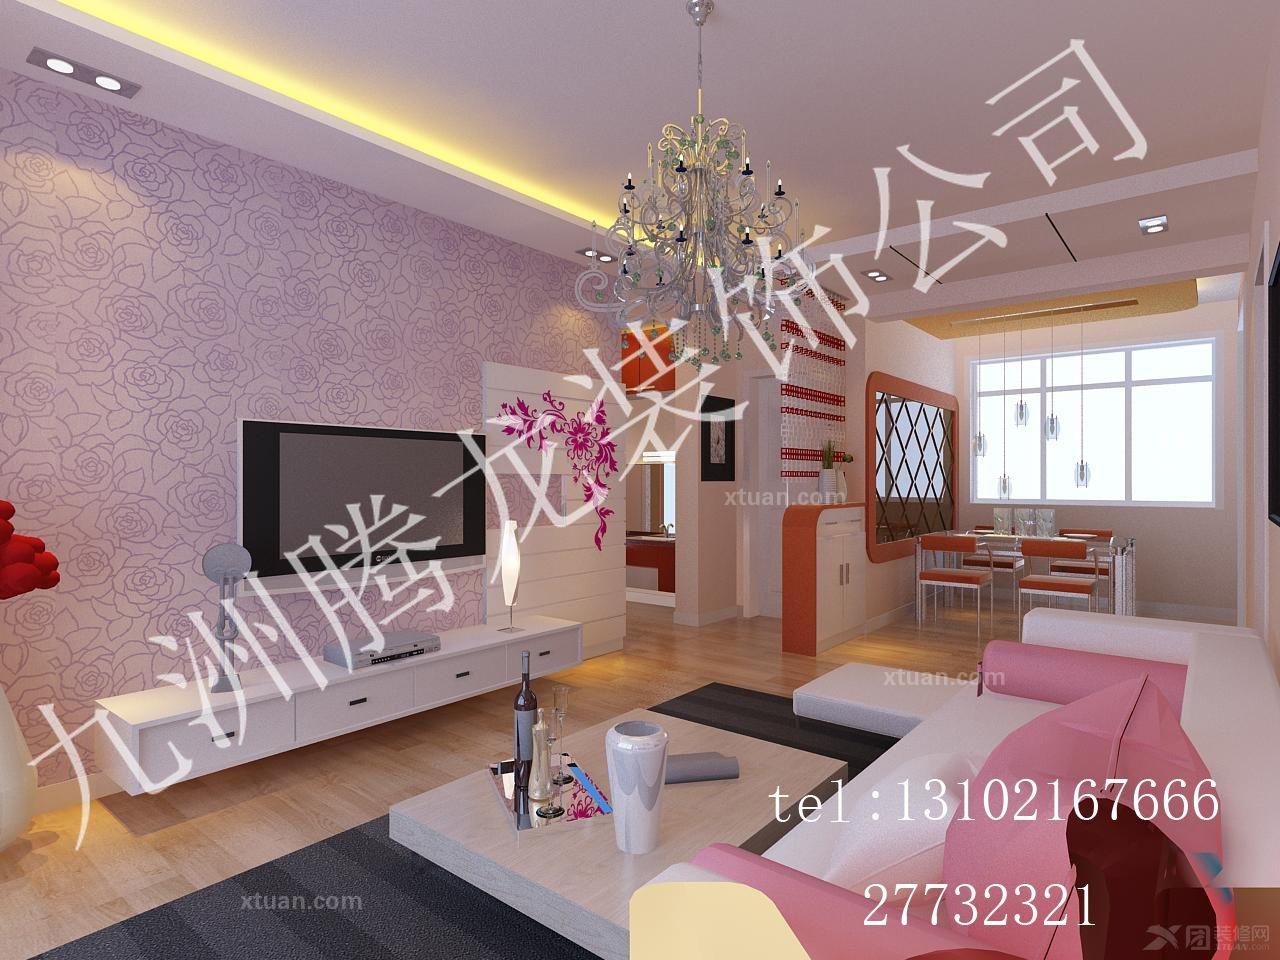 三室一厅简约风格客厅_华亭国际图片